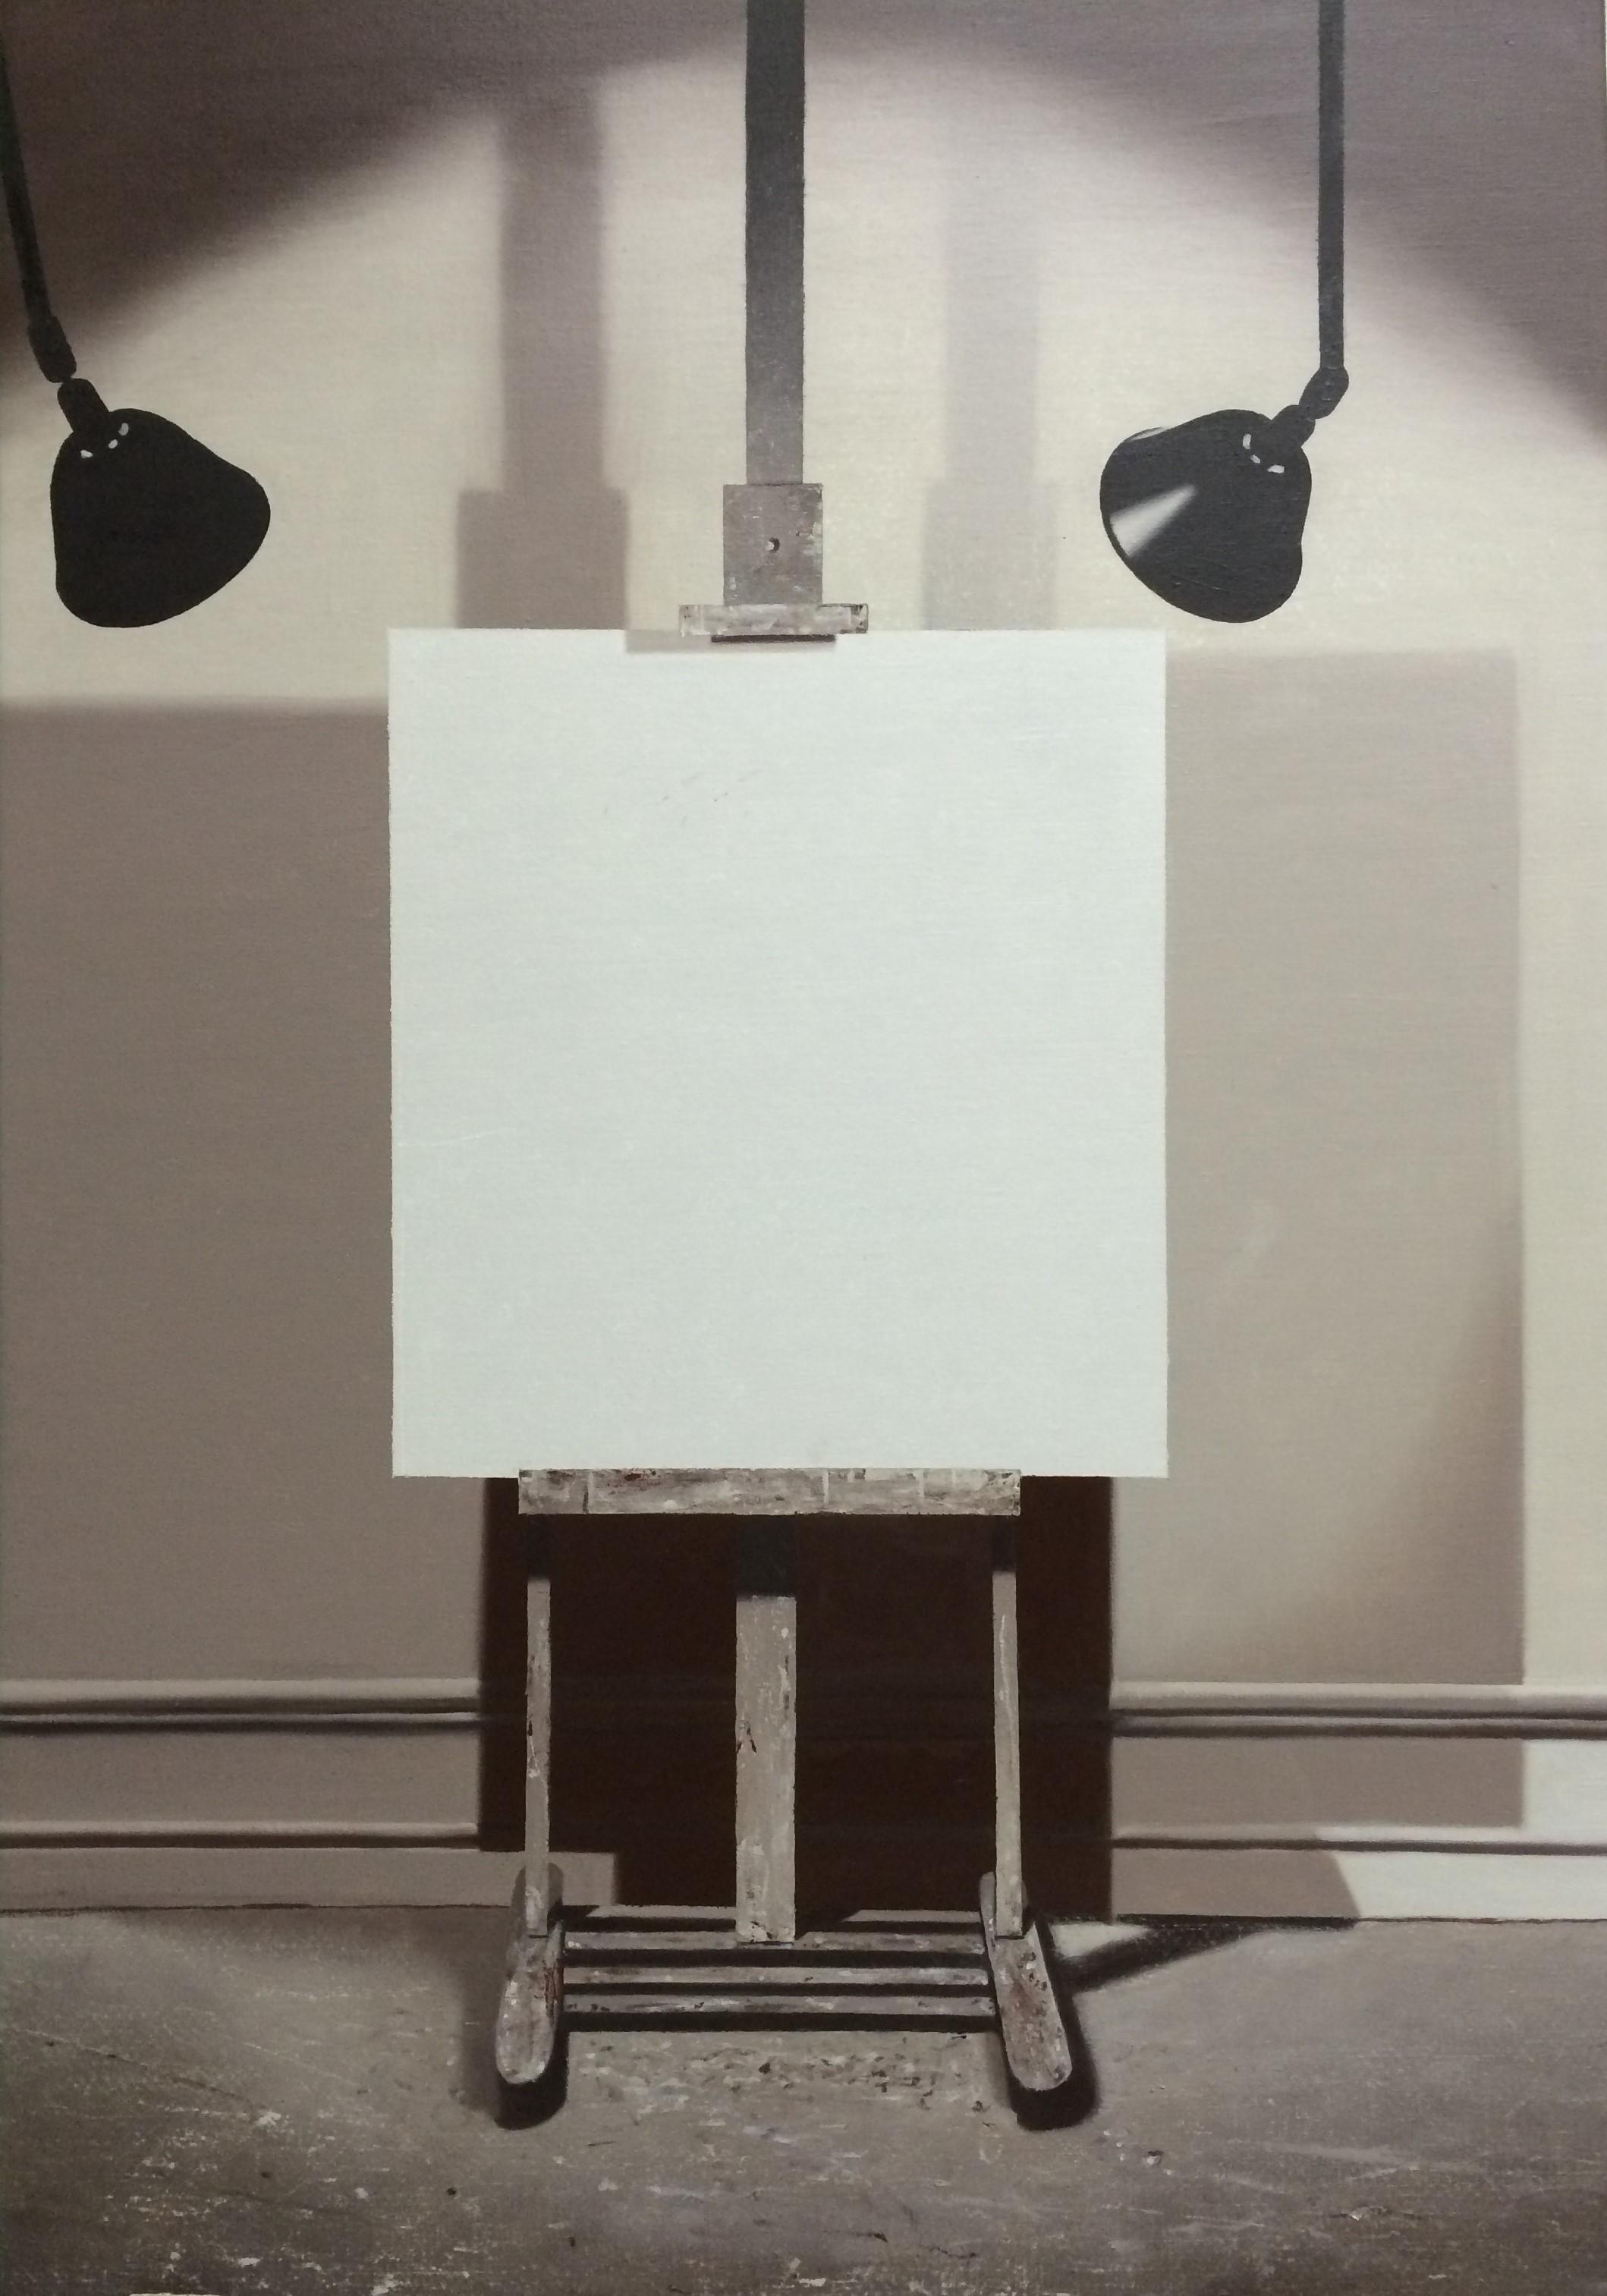 LG Lundberg, Det gamla staffliet, 2014, oil on canvas, 123 x 84 cm